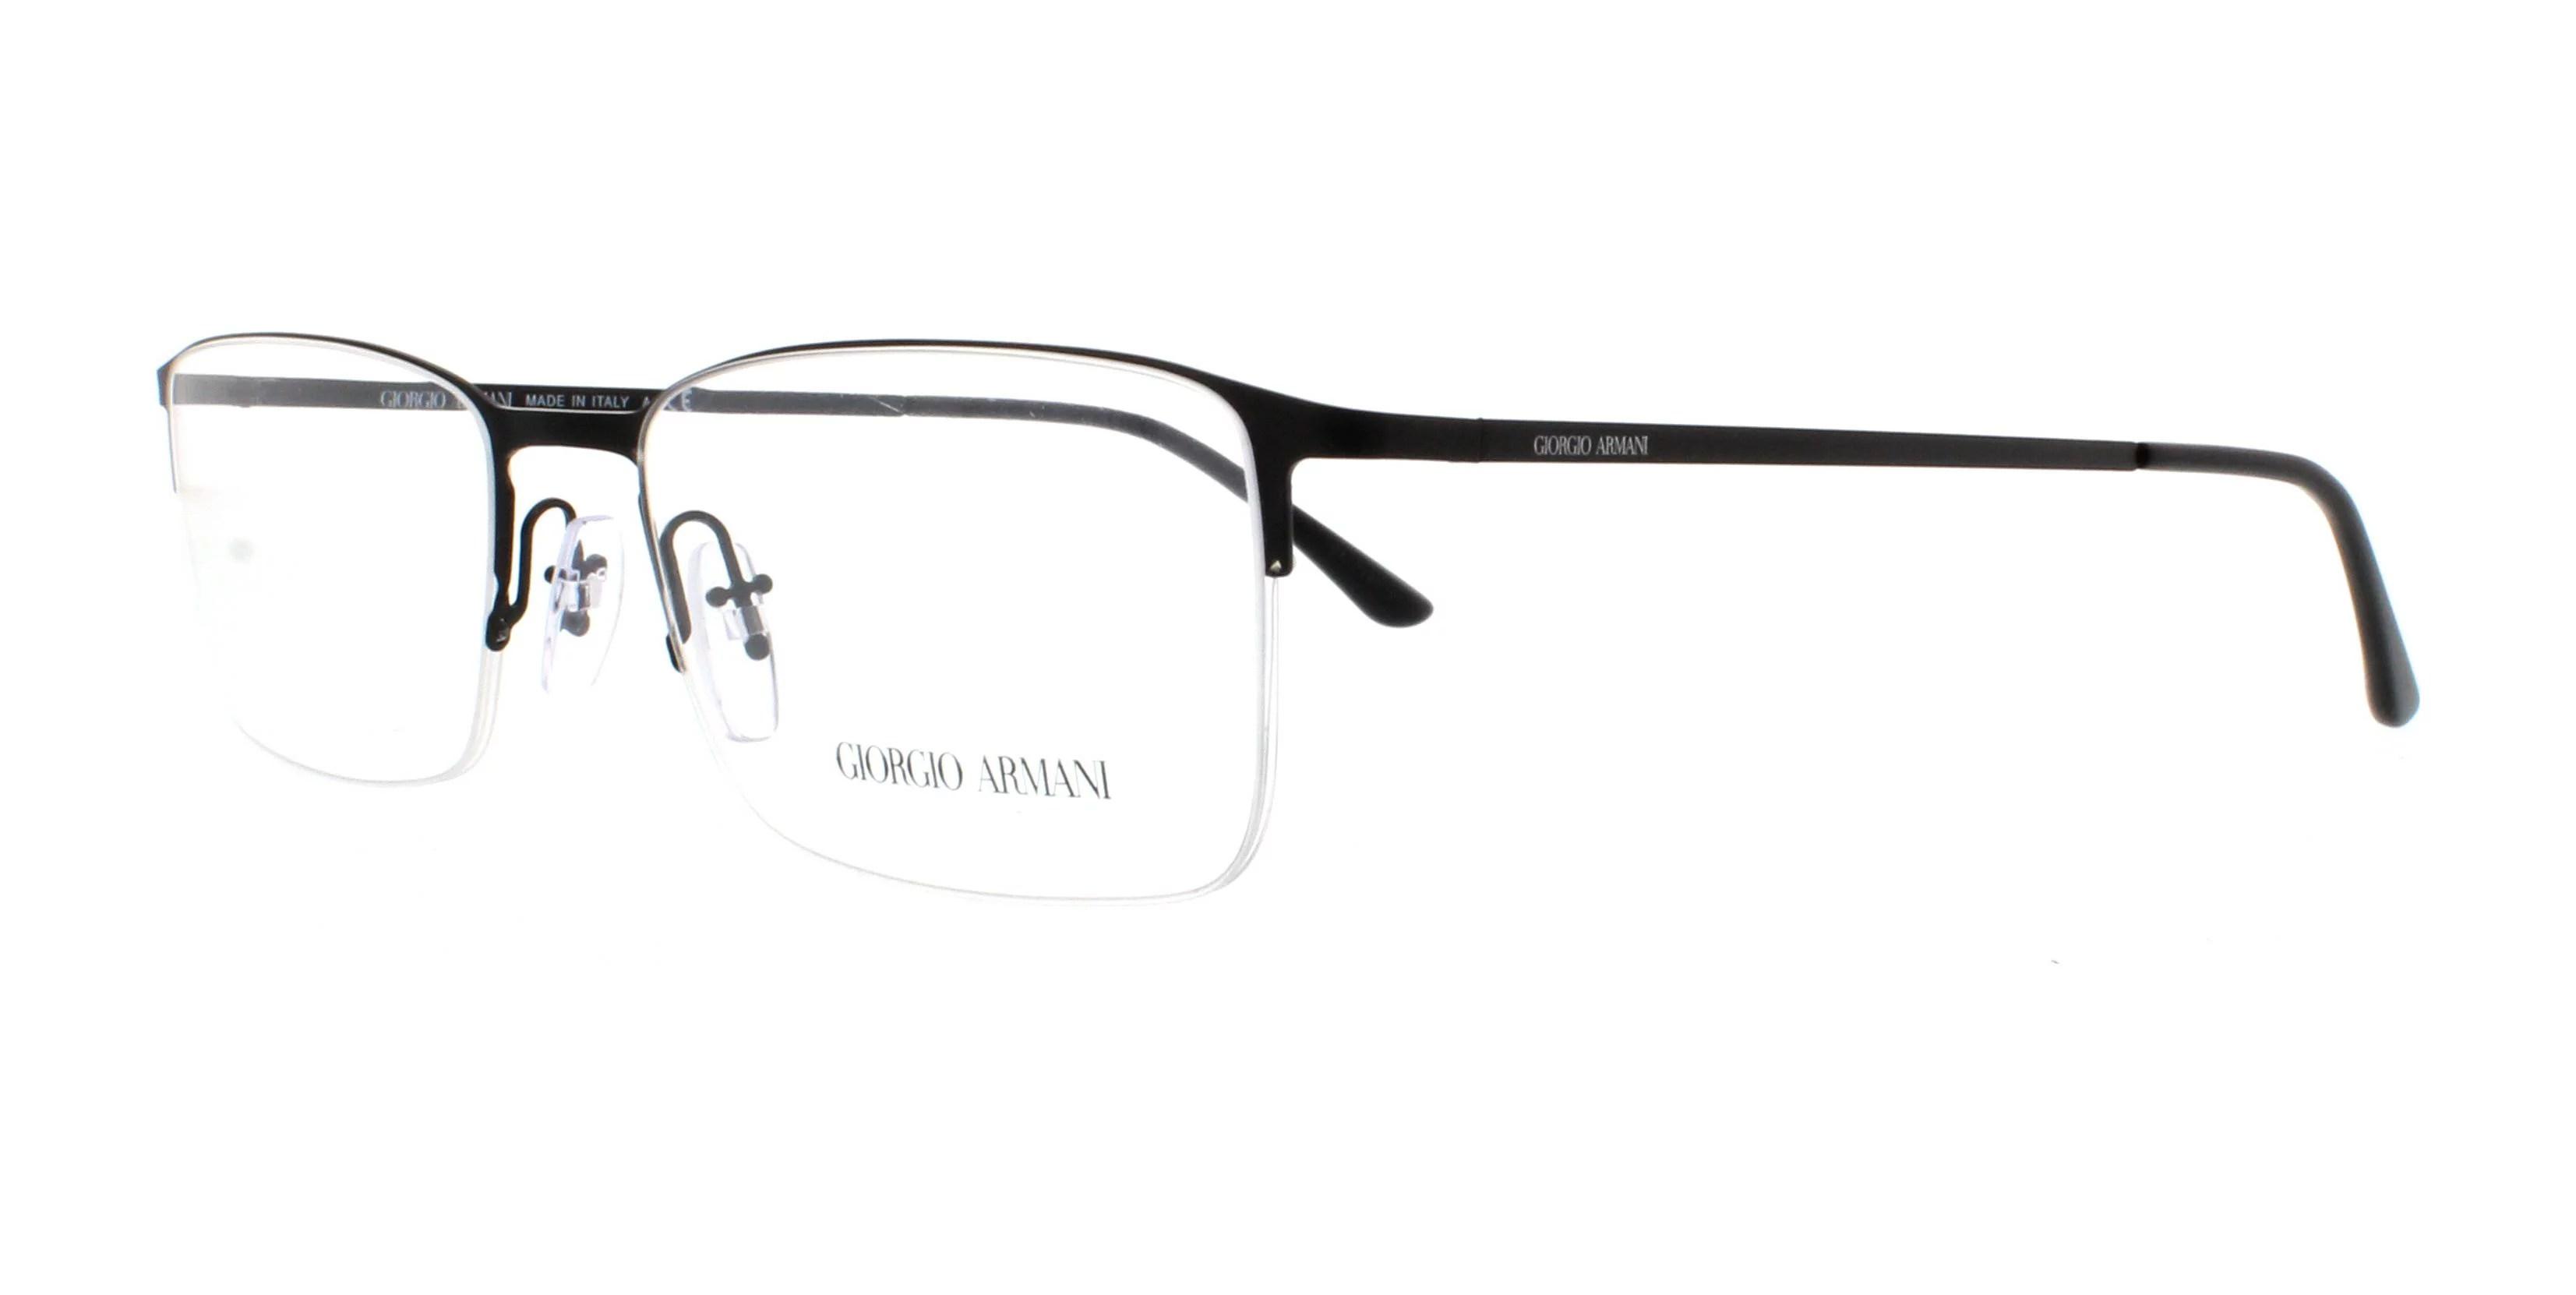 GIORGIO ARMANI Eyeglasses AR5010 3001 Matte Black 54MM